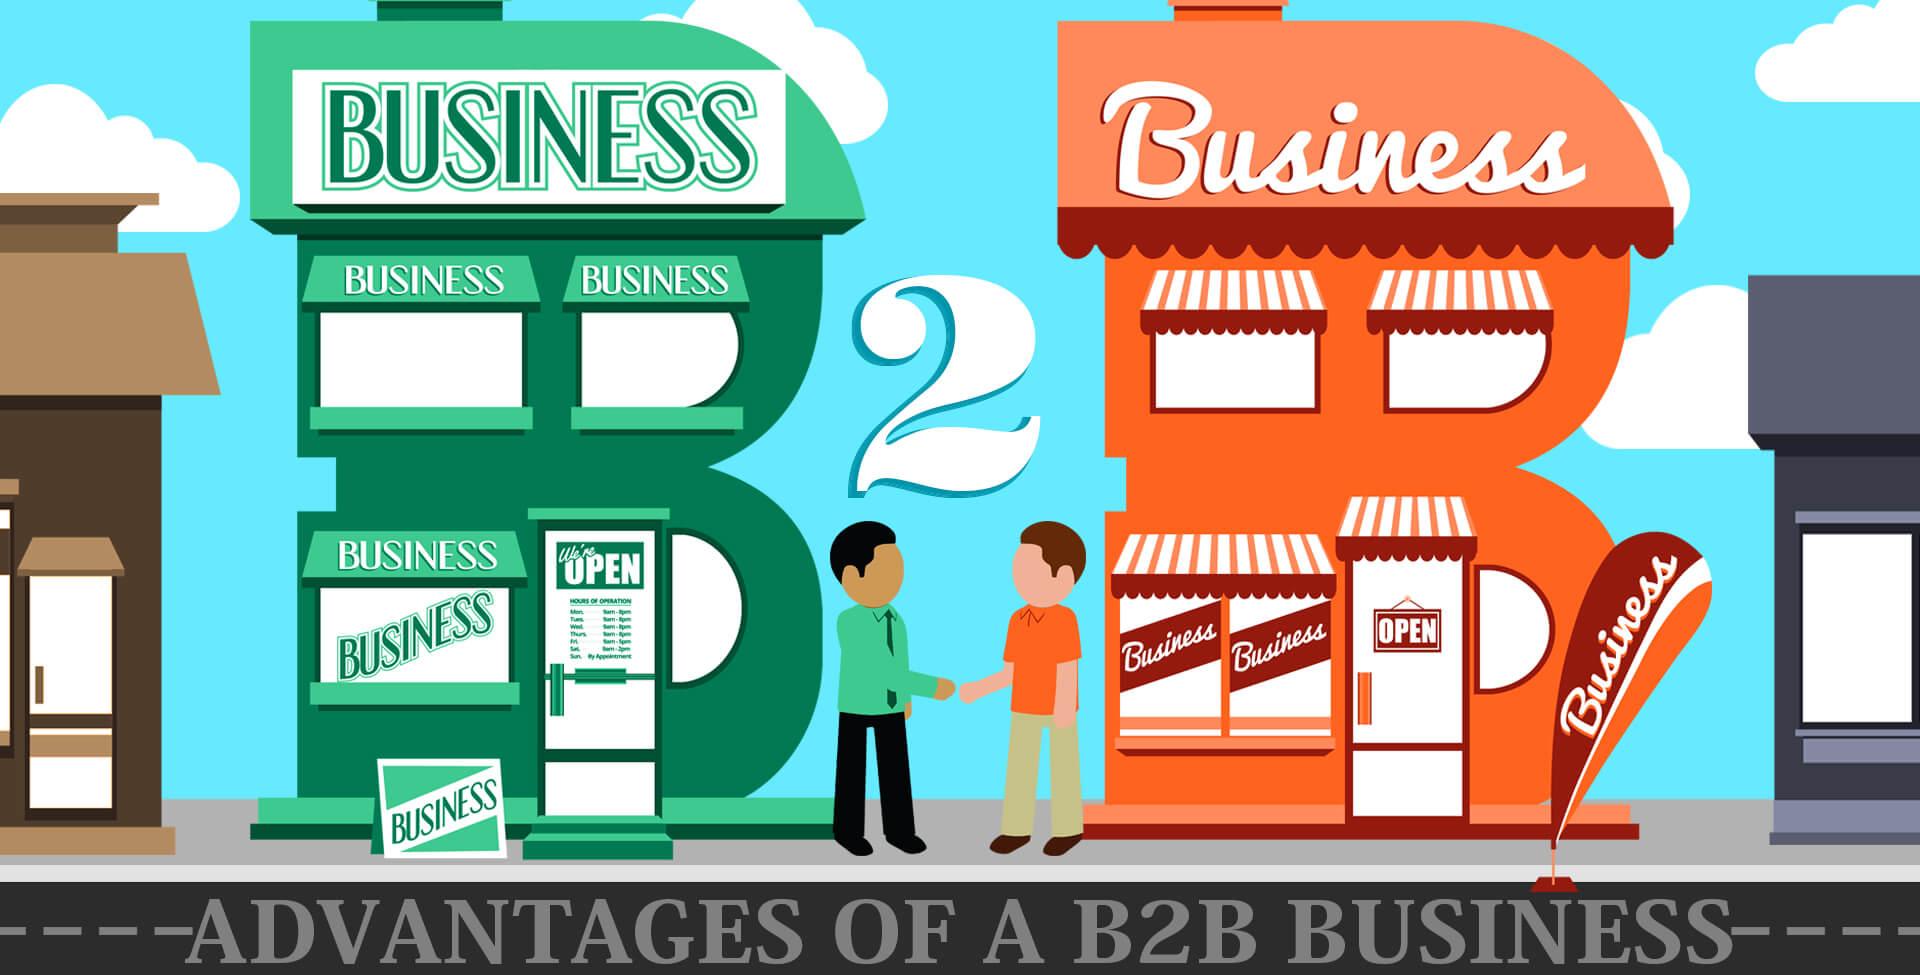 B2B-продажи — что это? Как продавать на рынке B2B?